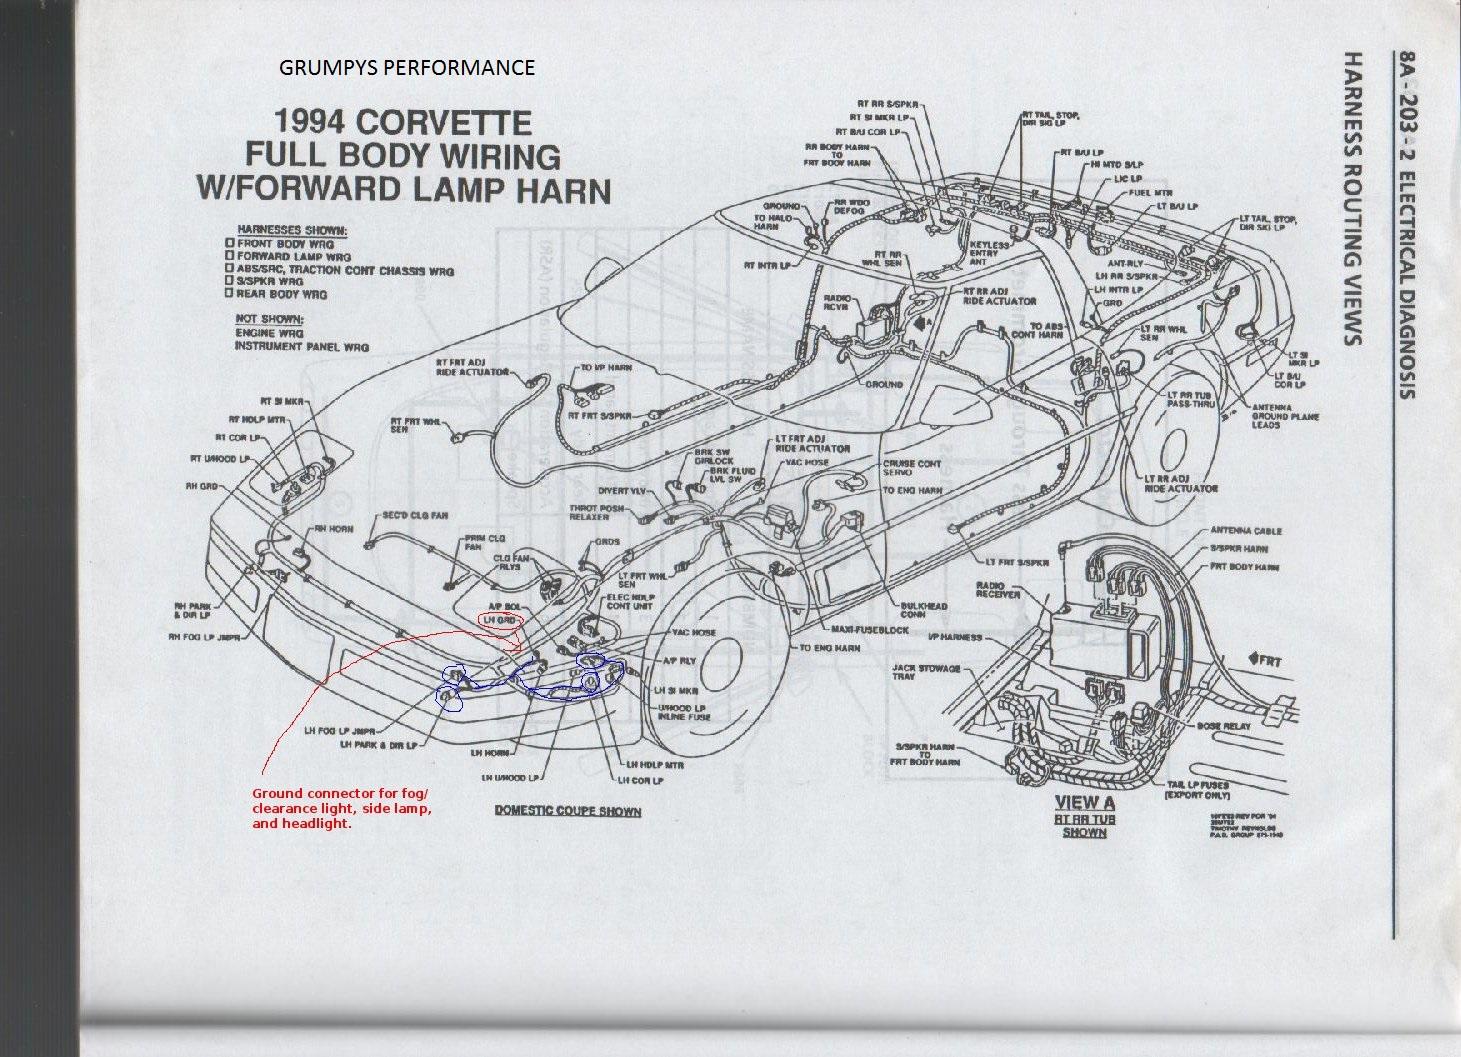 86 corvette ecm wiring diagram 1987 Corvette ECM Diagram medium resolution of c4 corvette wiring diagram help wiring library 71 corvette wiring diagram 1986 corvette